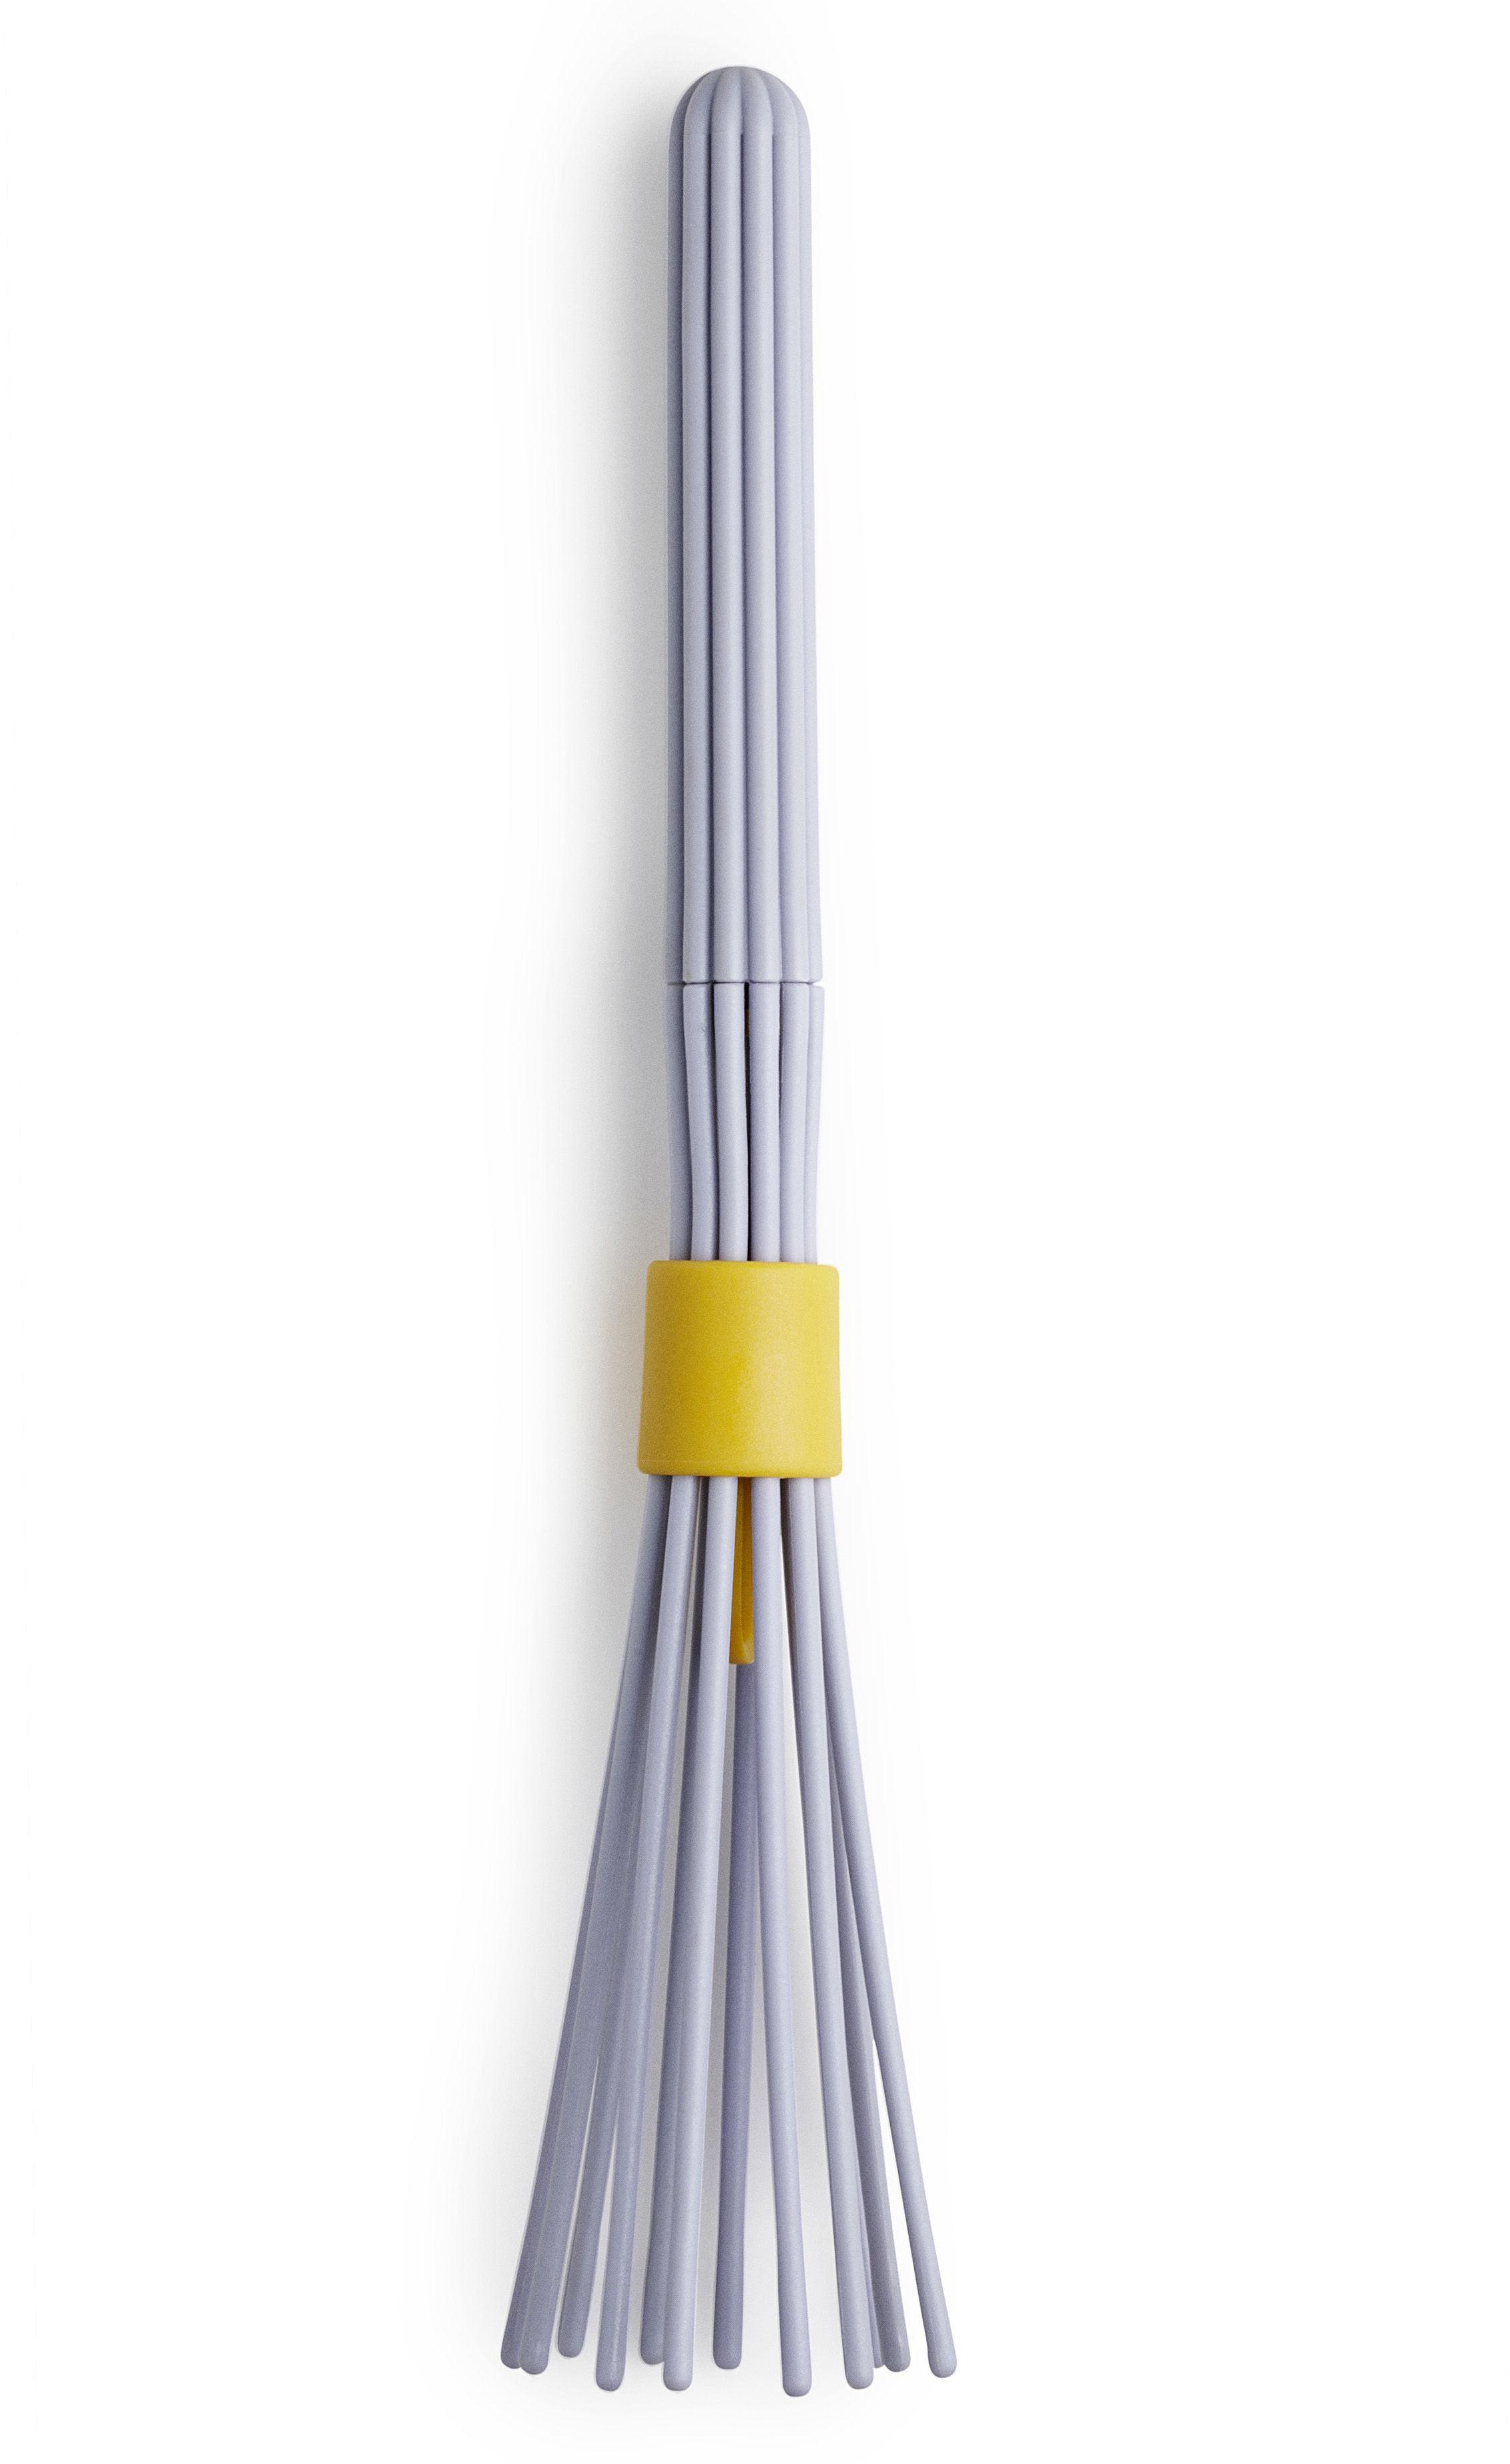 Scopri frusta da cucina beater pieghevole blu chiaro di normann copenhagen made in design italia - Frusta da cucina ...